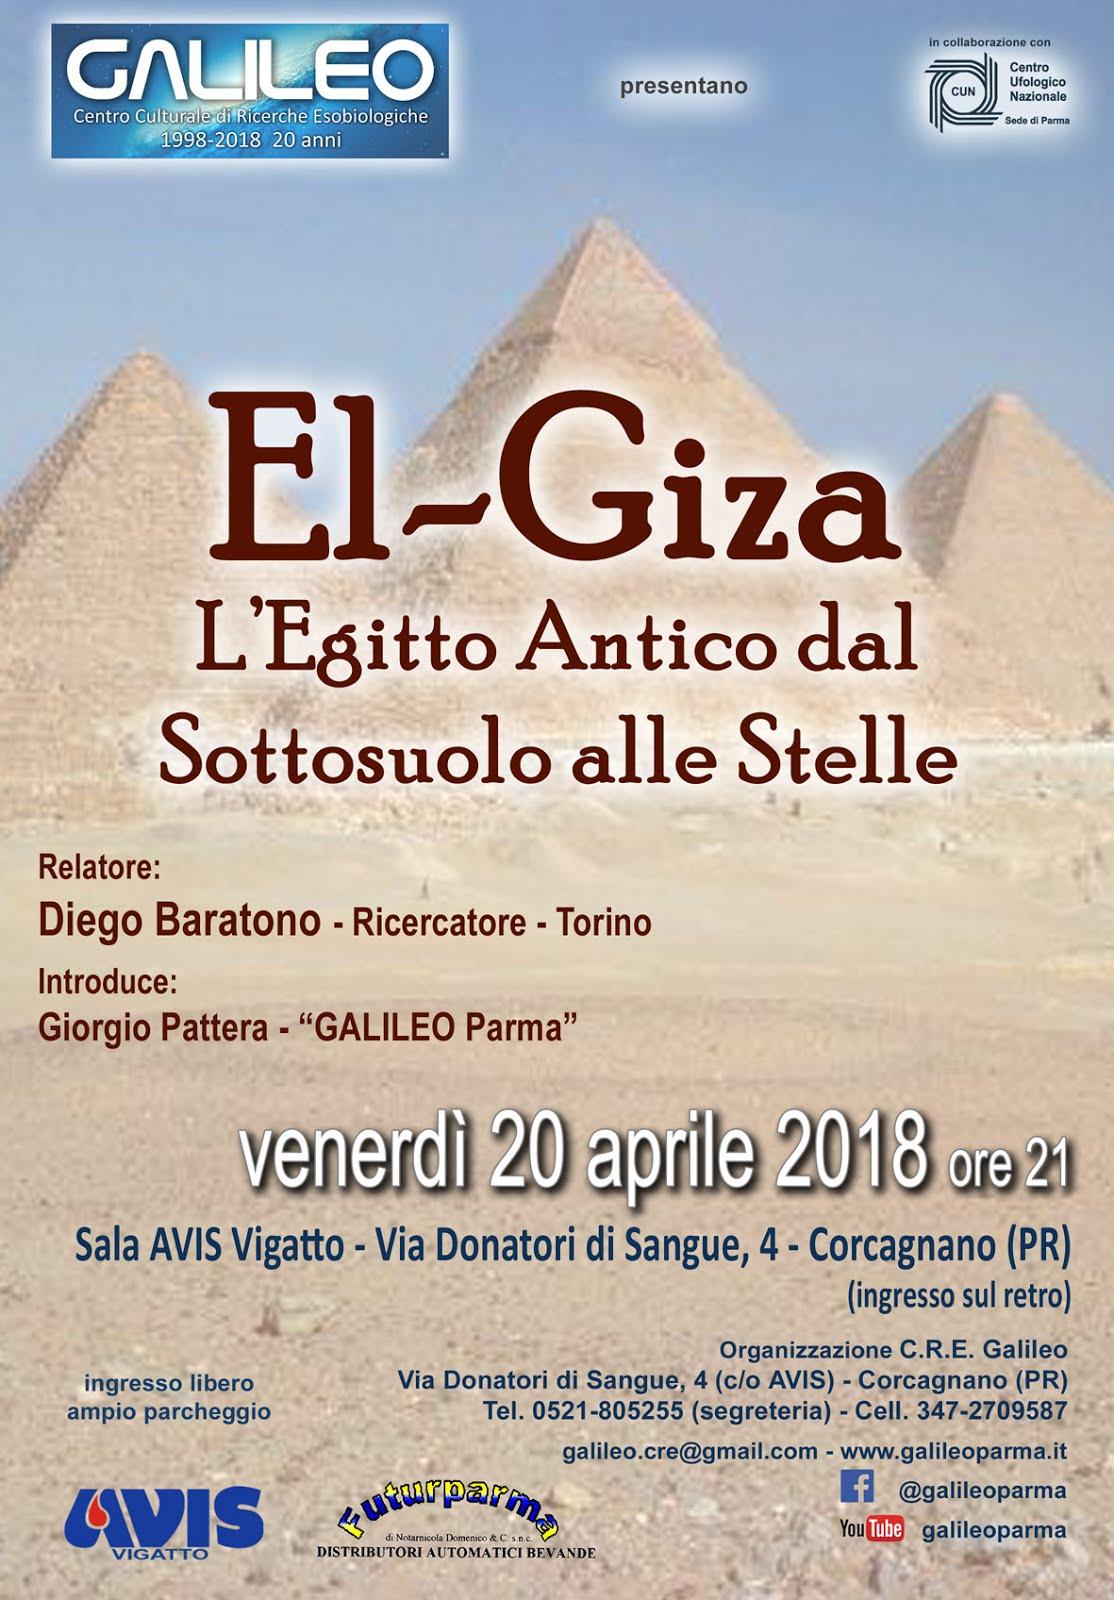 EL - GIZA: L'EGITTO ANTICO DAL SOTTOSUOLO ALLE STELLE